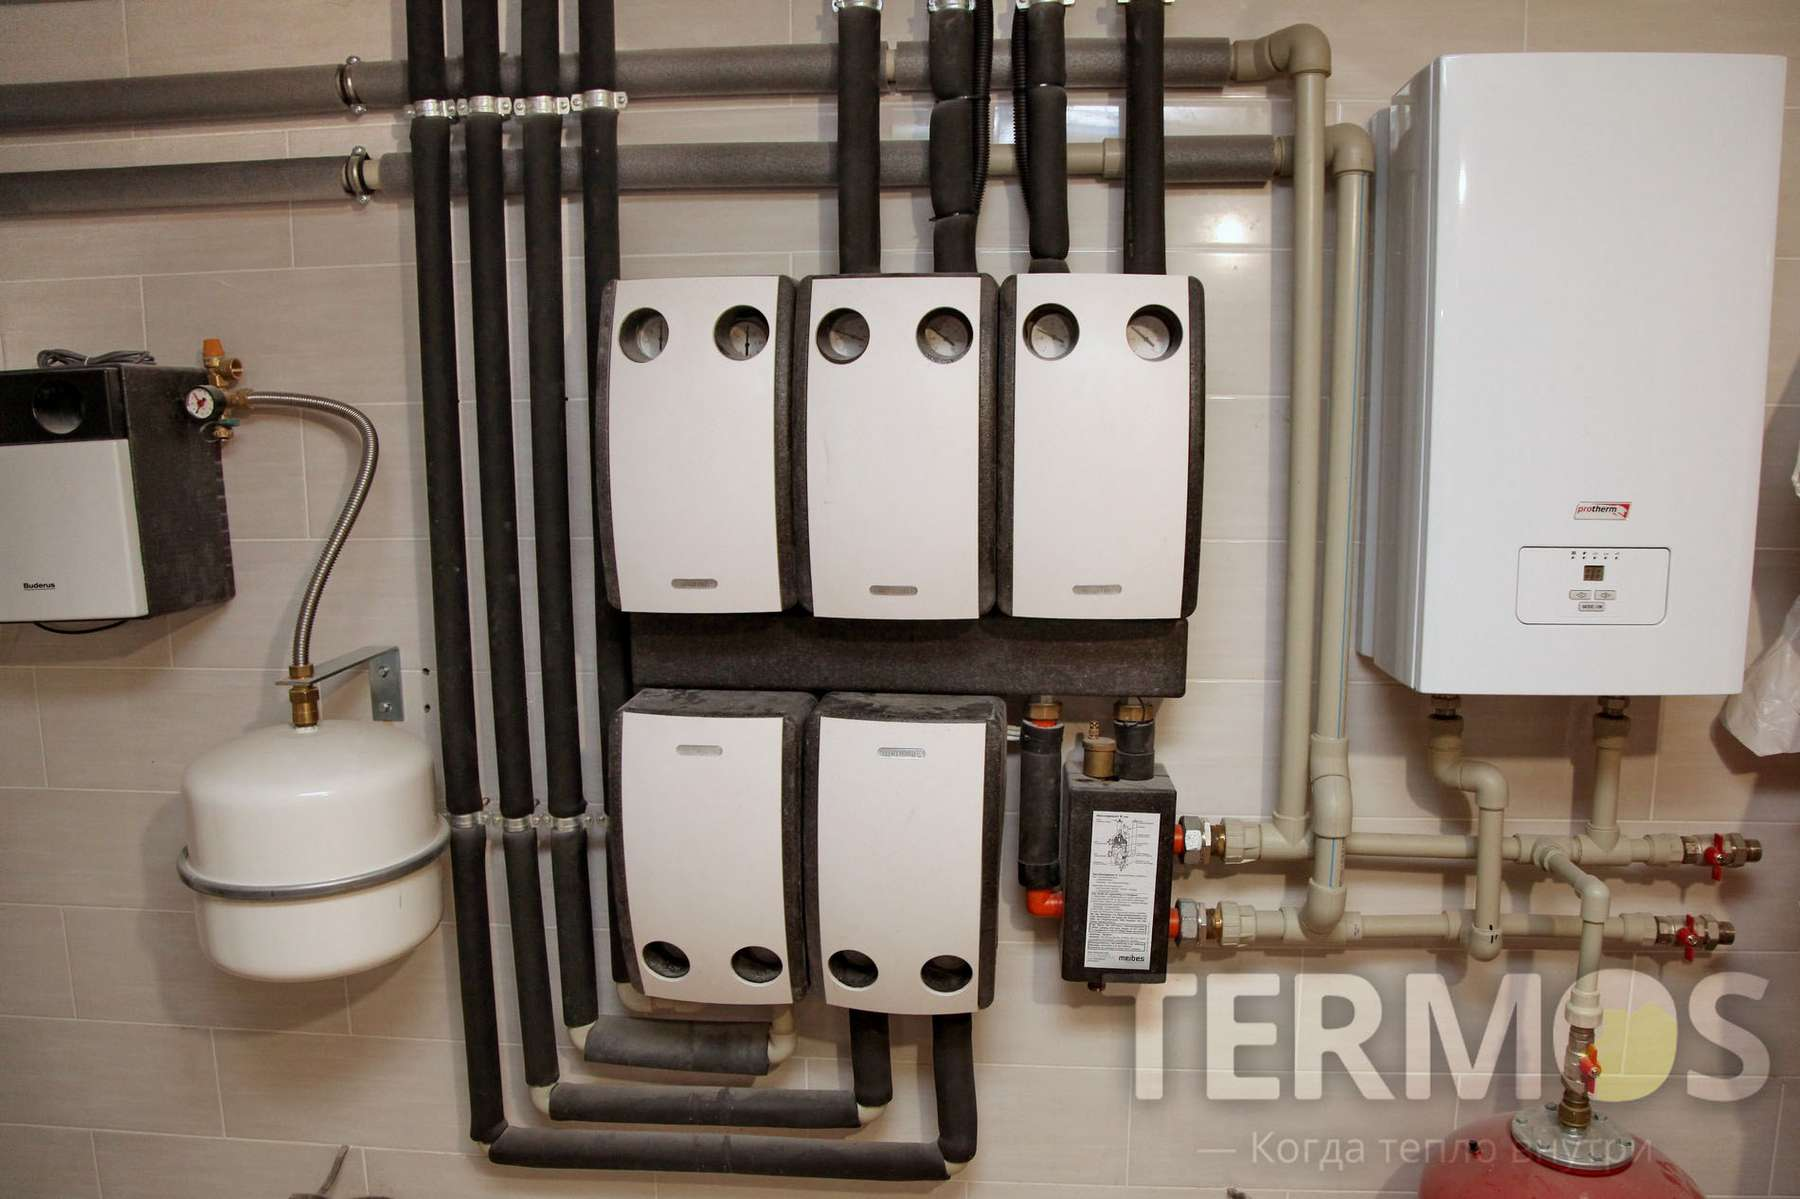 Тепловой насос обеспечивает погодозависимое управление контурами радиаторов и теплого пола